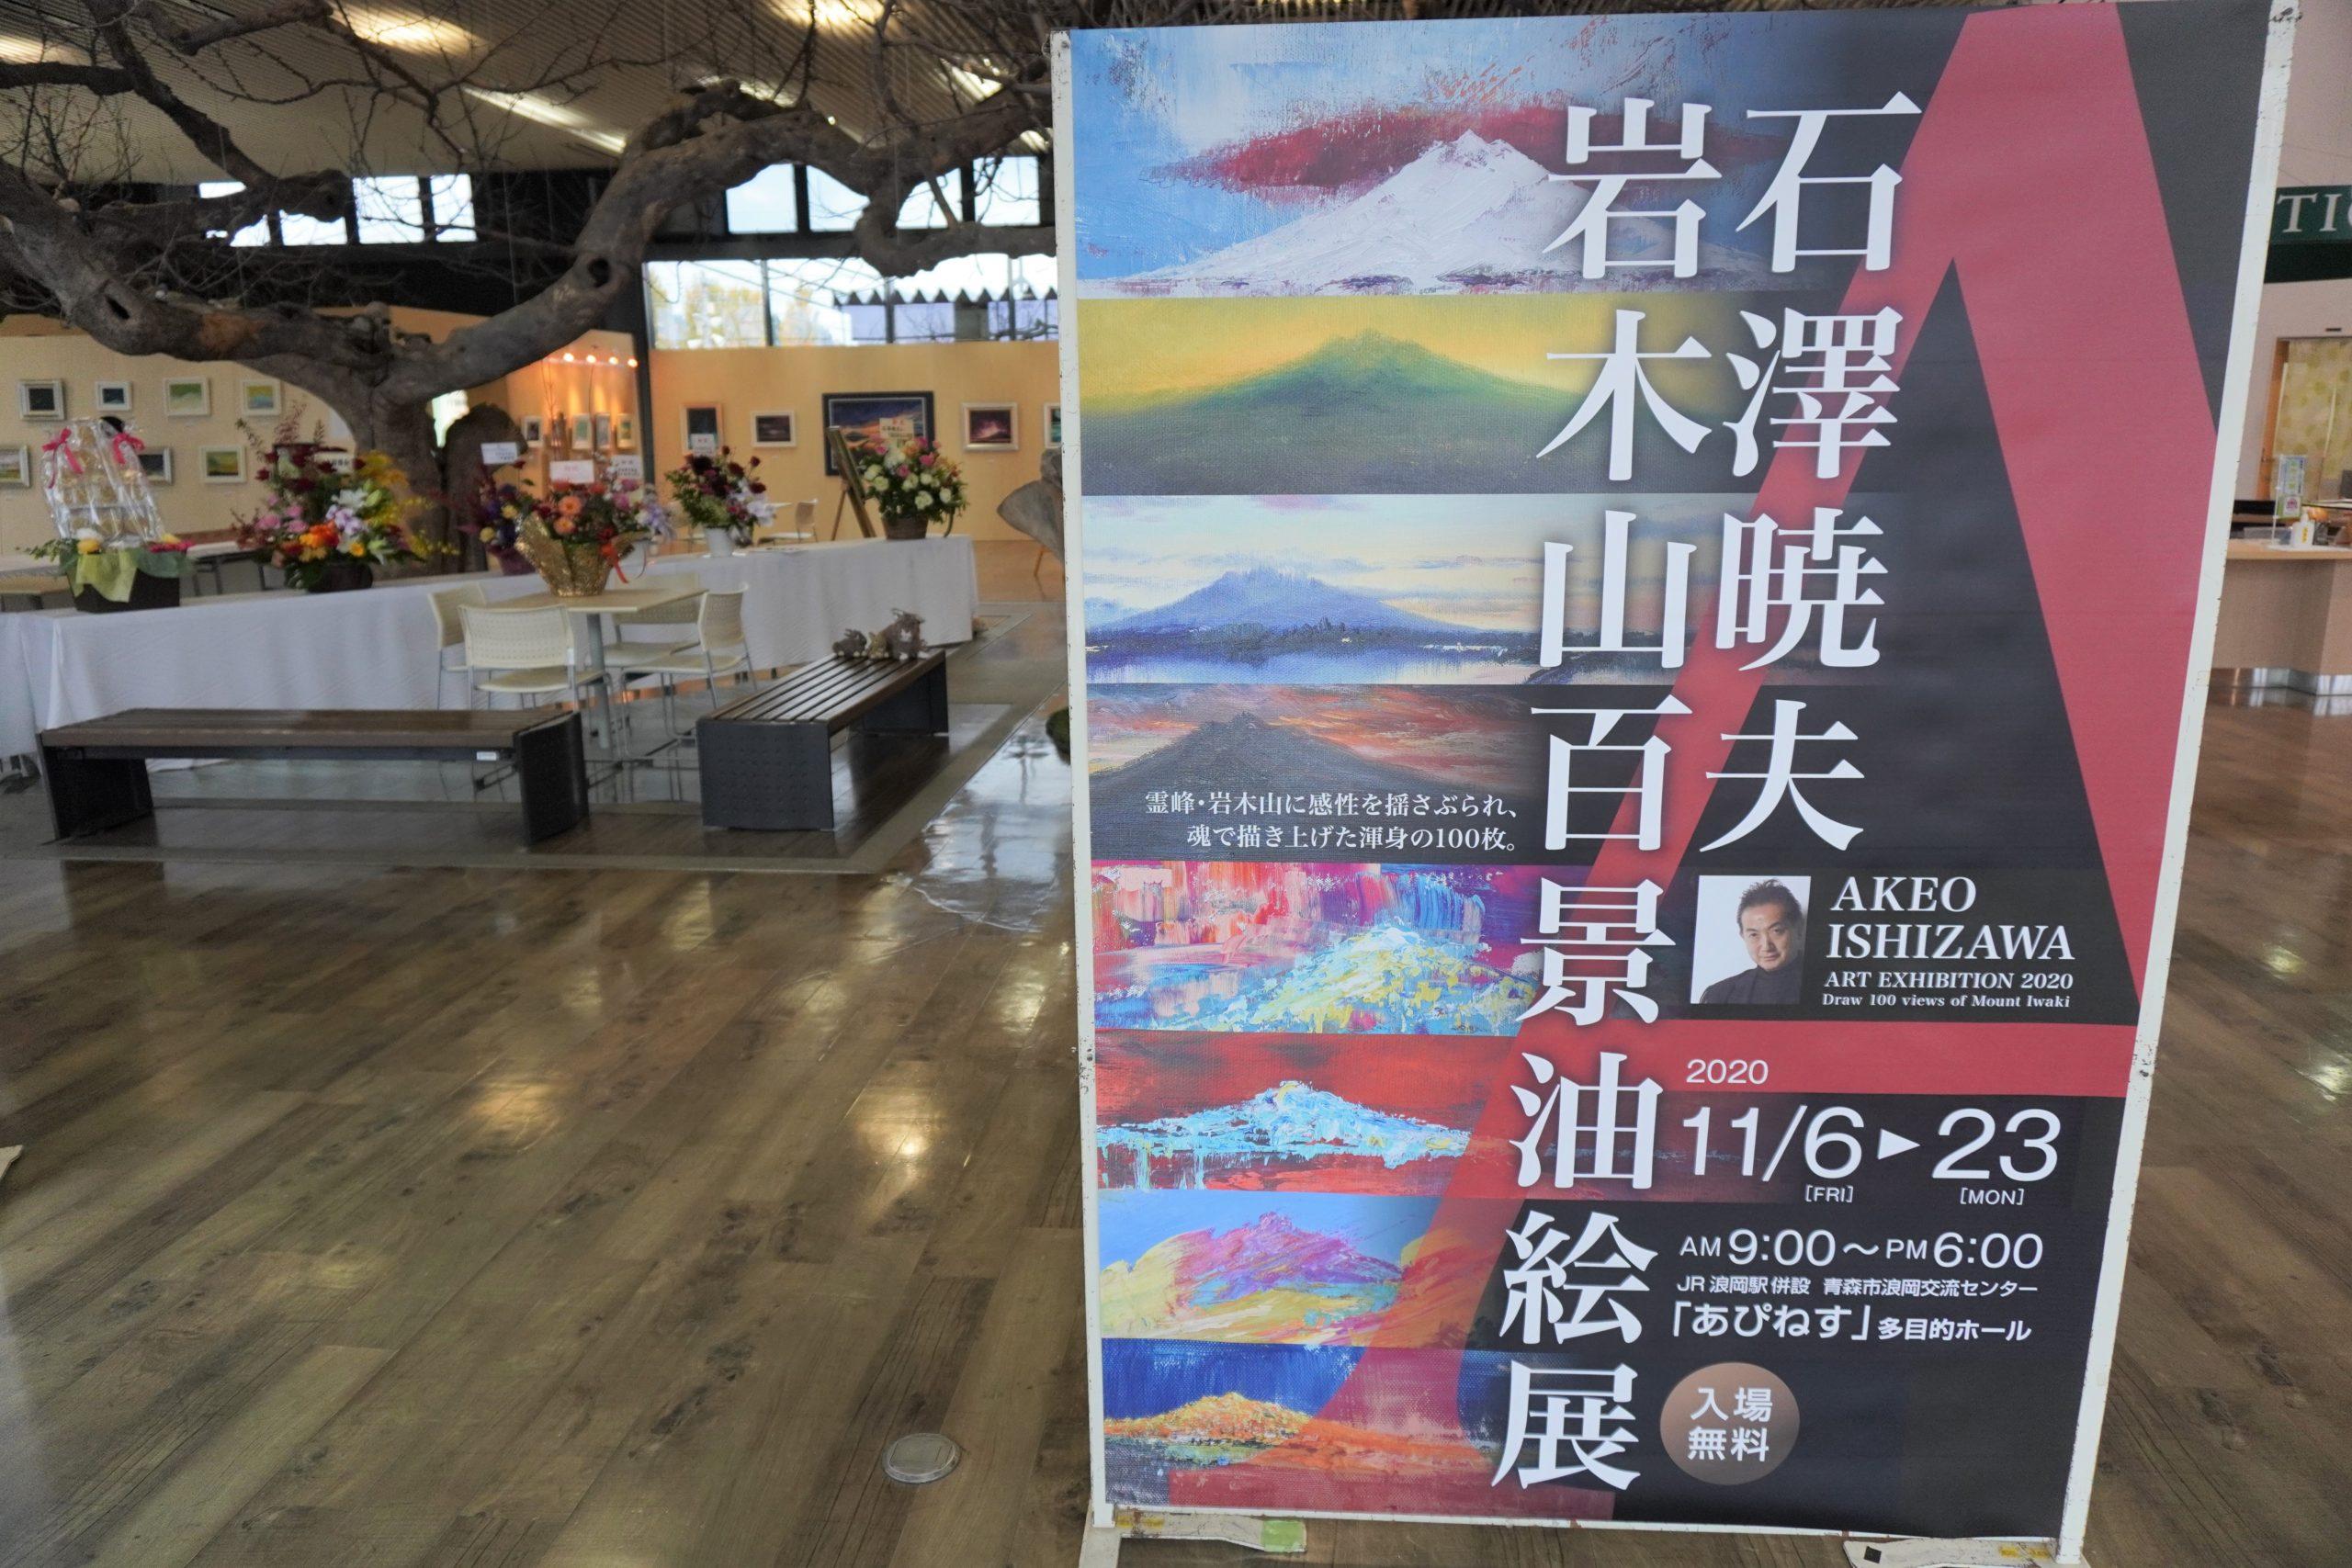 石澤暁夫作品展「岩木山百景油絵展」